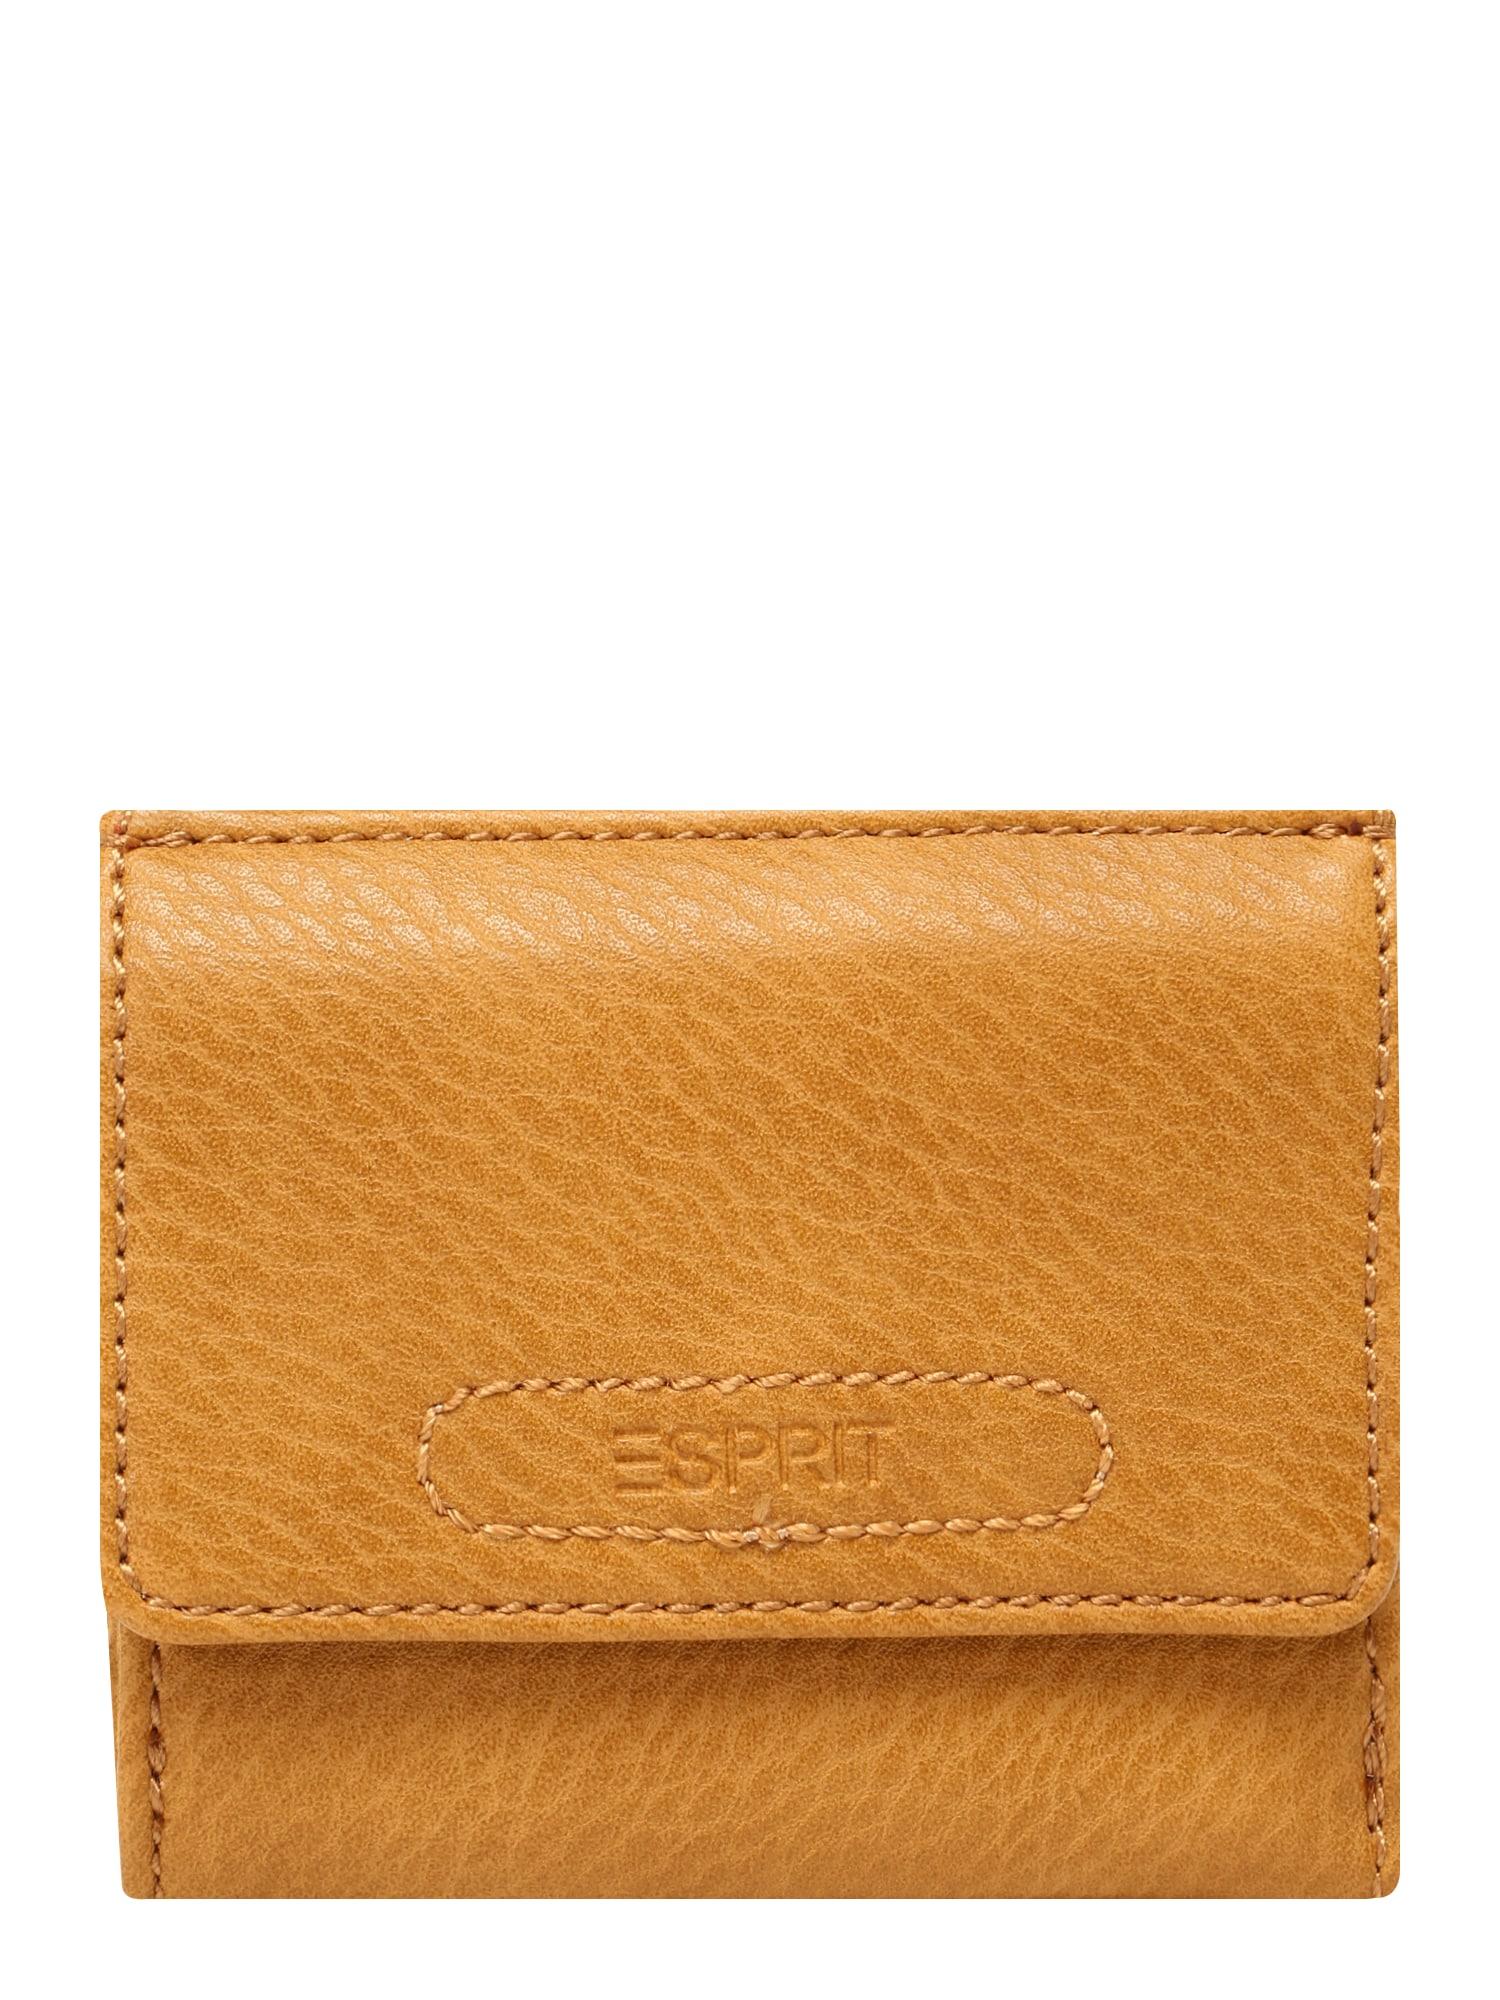 Peněženka Tori smllcitywl zlatě žlutá ESPRIT